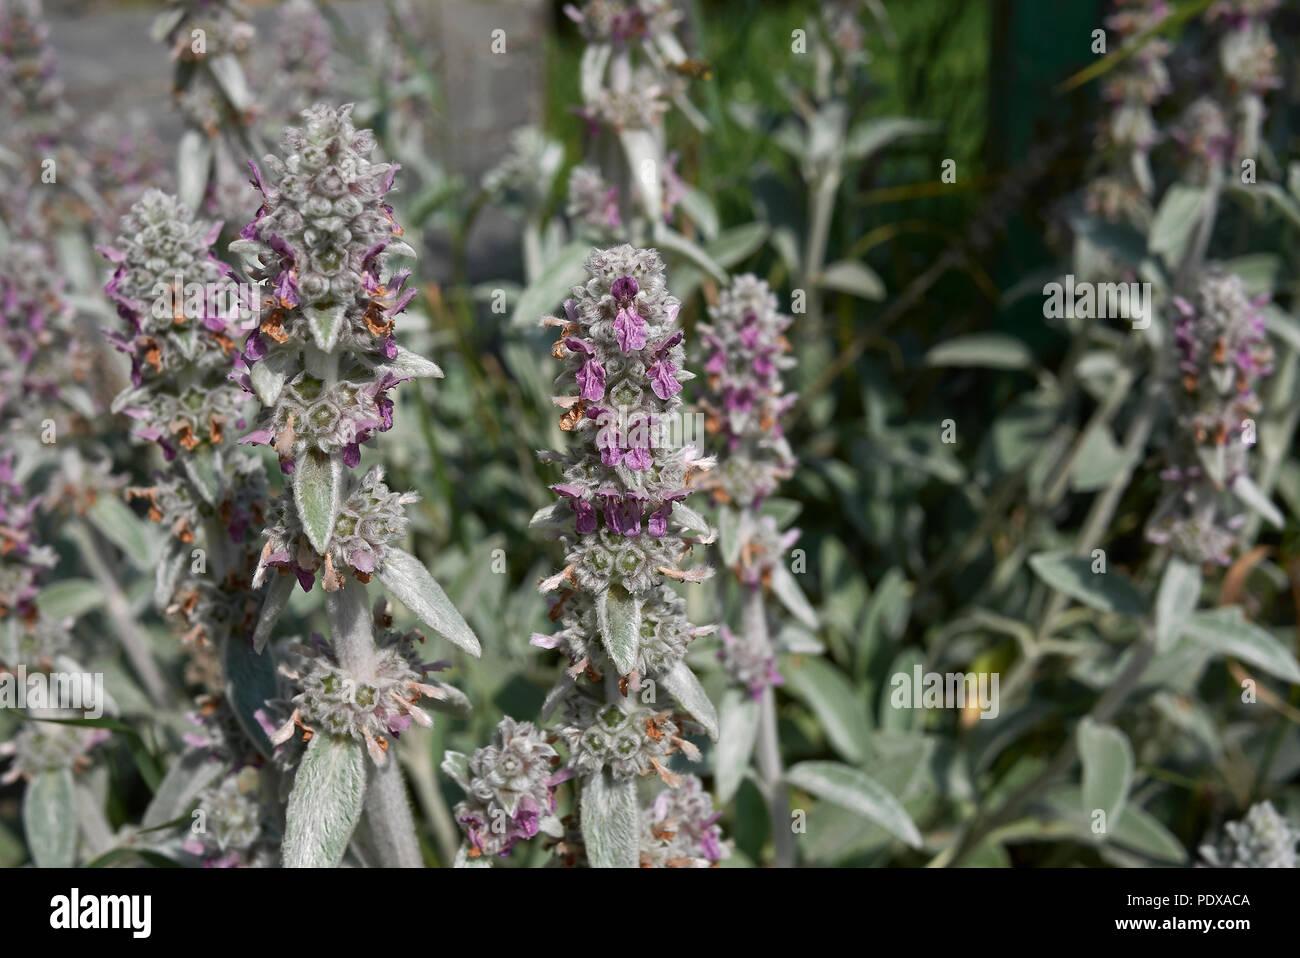 Stachys byzantina plant - Stock Image